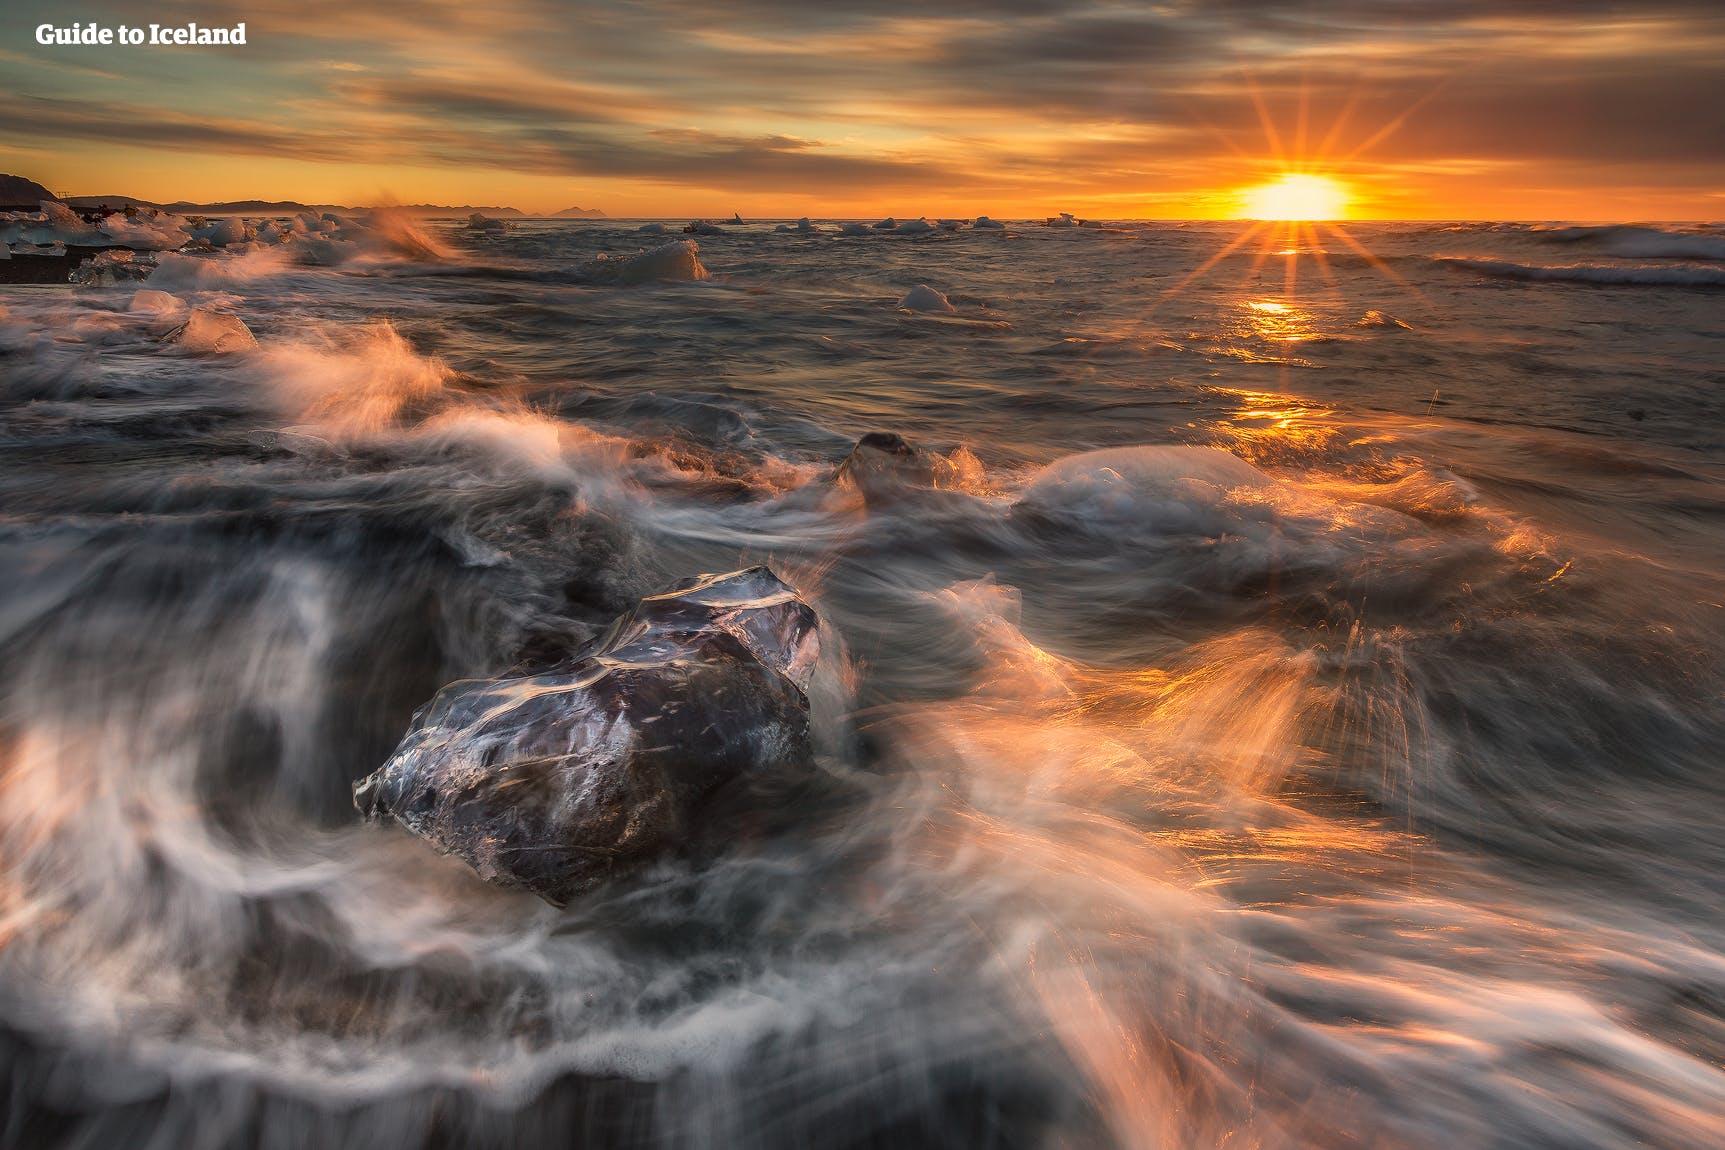 Med hensyn til Diamantstranden er det forskelligt fra dag til dag, hvor mange isbjerge der er skyllet op på den, da det afhænger af tidevandet, vinden og andre forhold.